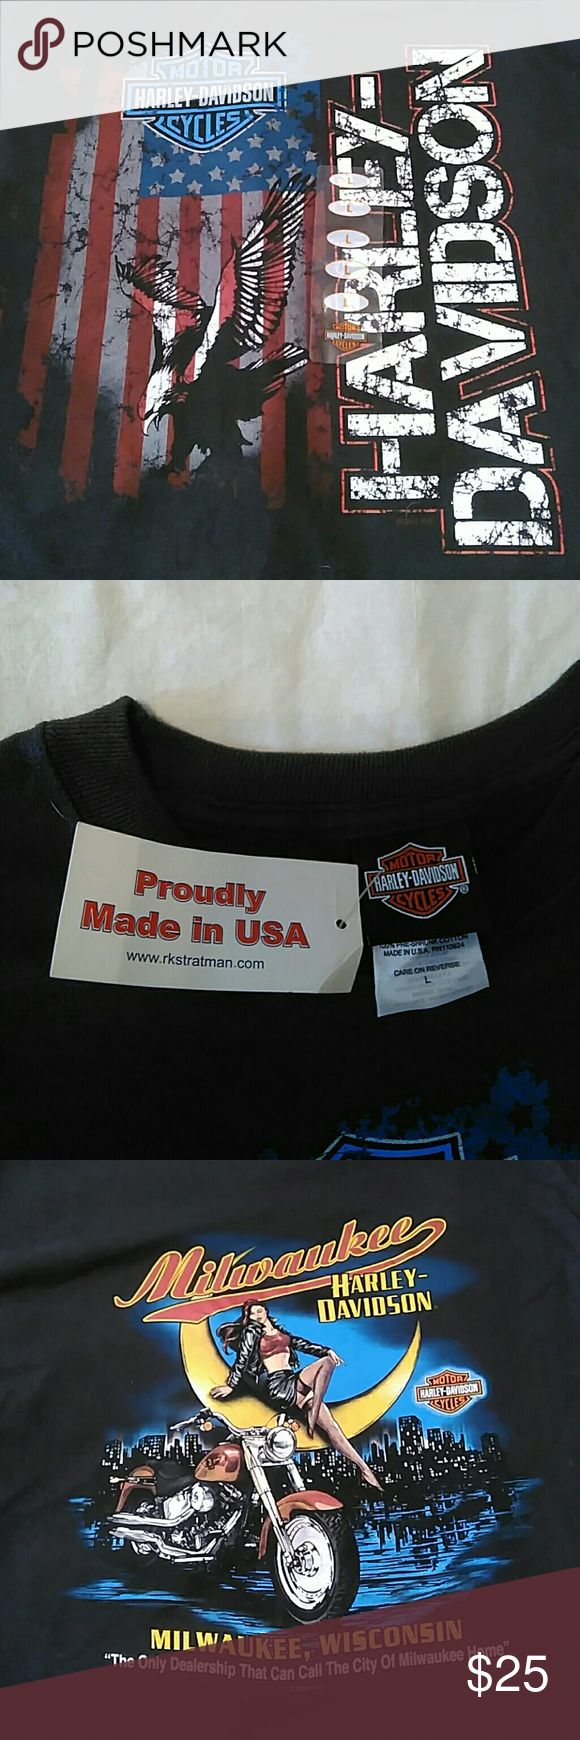 Harley Davidson T-shirt size L Size L Harley Davidson t-shirt, size L from Milwaukee Harley, new. Harley-Davidson Shirts Tees - Short Sleeve